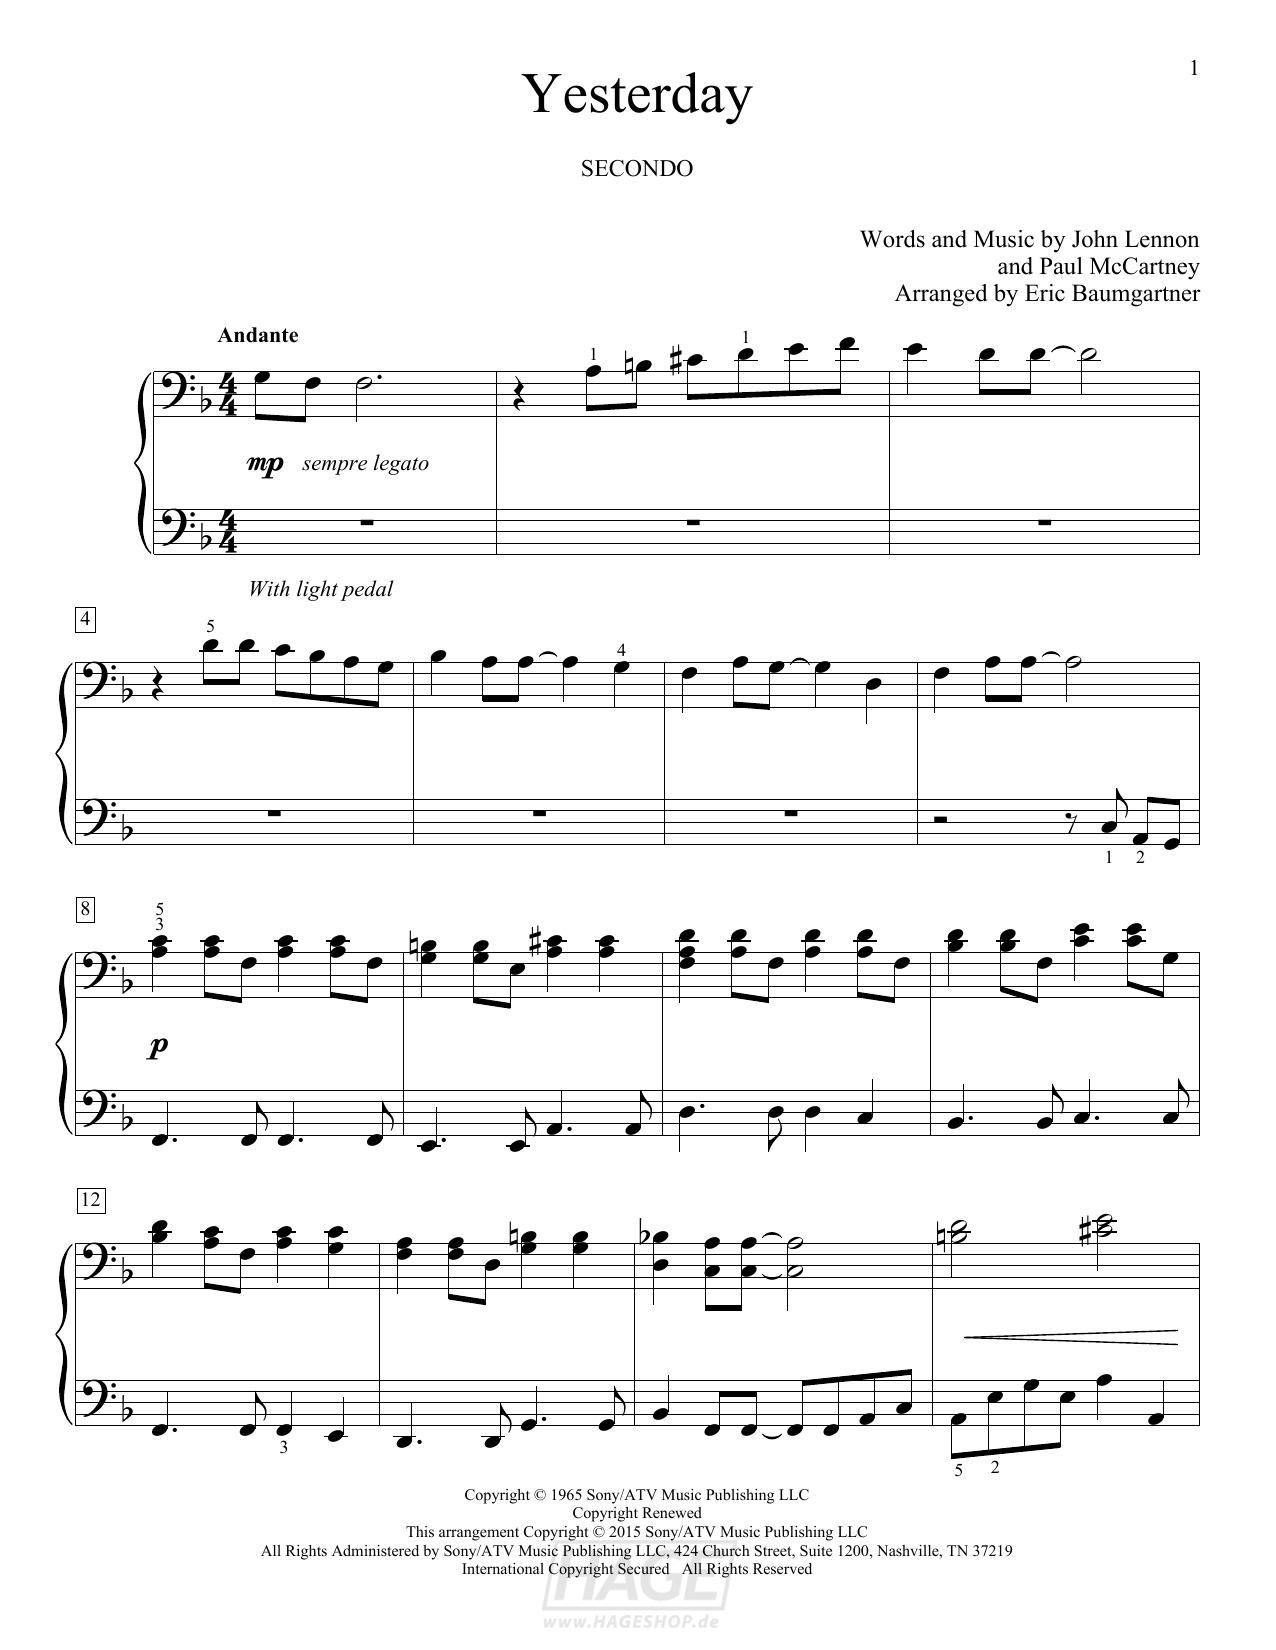 Yesterday - The Beatles - Noten Druckvorschau